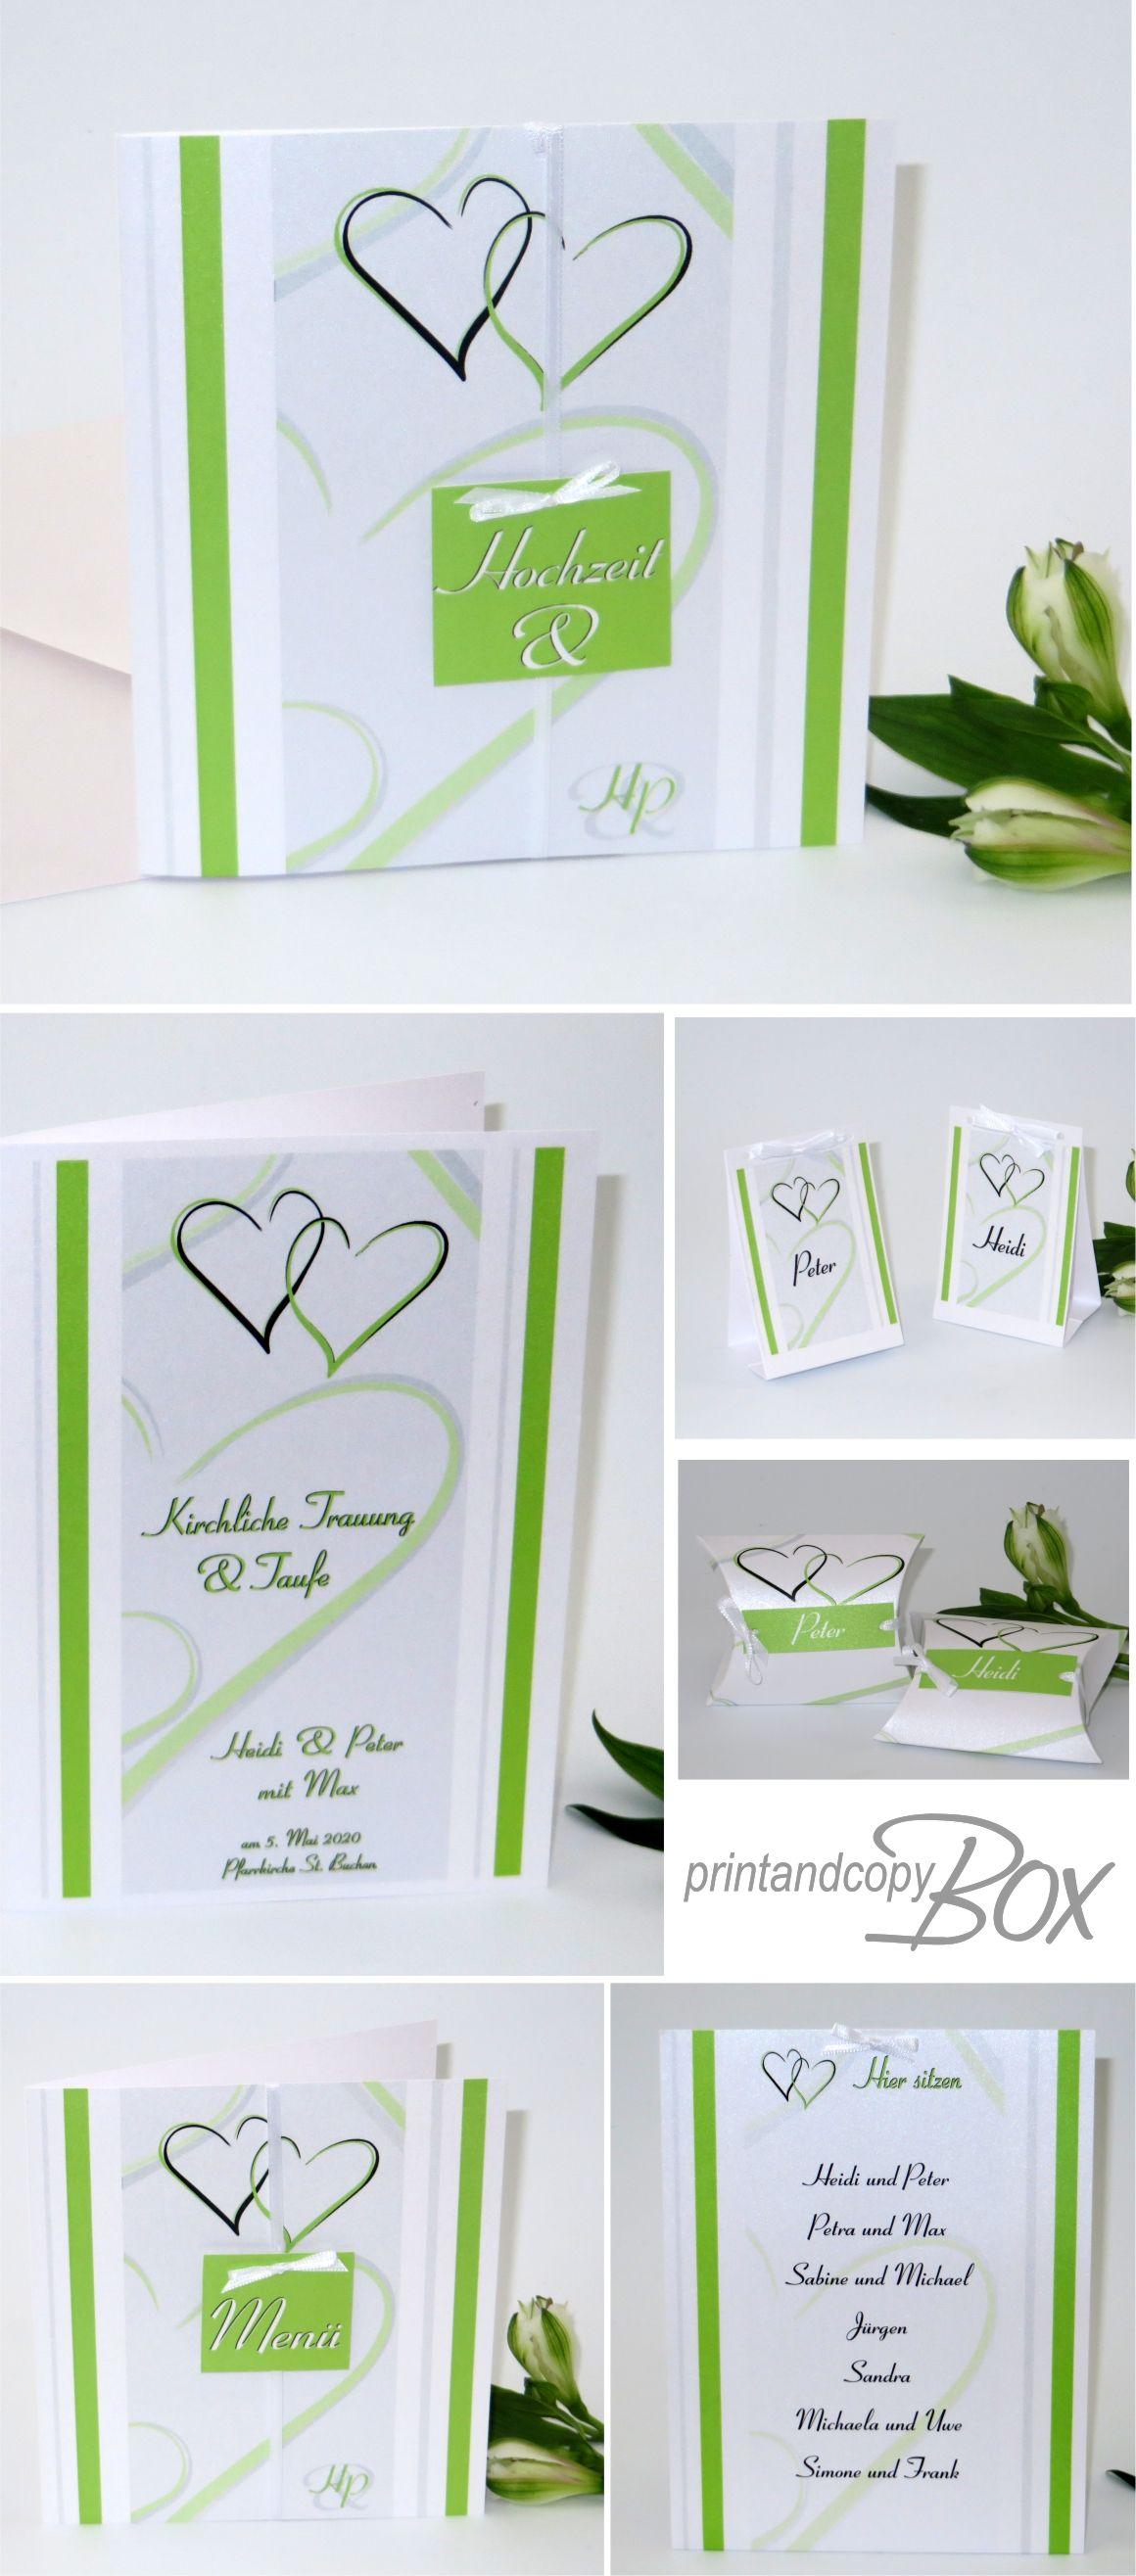 Einladungen Zur Traufe Deko Und Accessoires Mit Einem Trendy Design In Grun Besonders Und Modern Hochz Karte Hochzeit Einladungskarten Hochzeit Einladungen